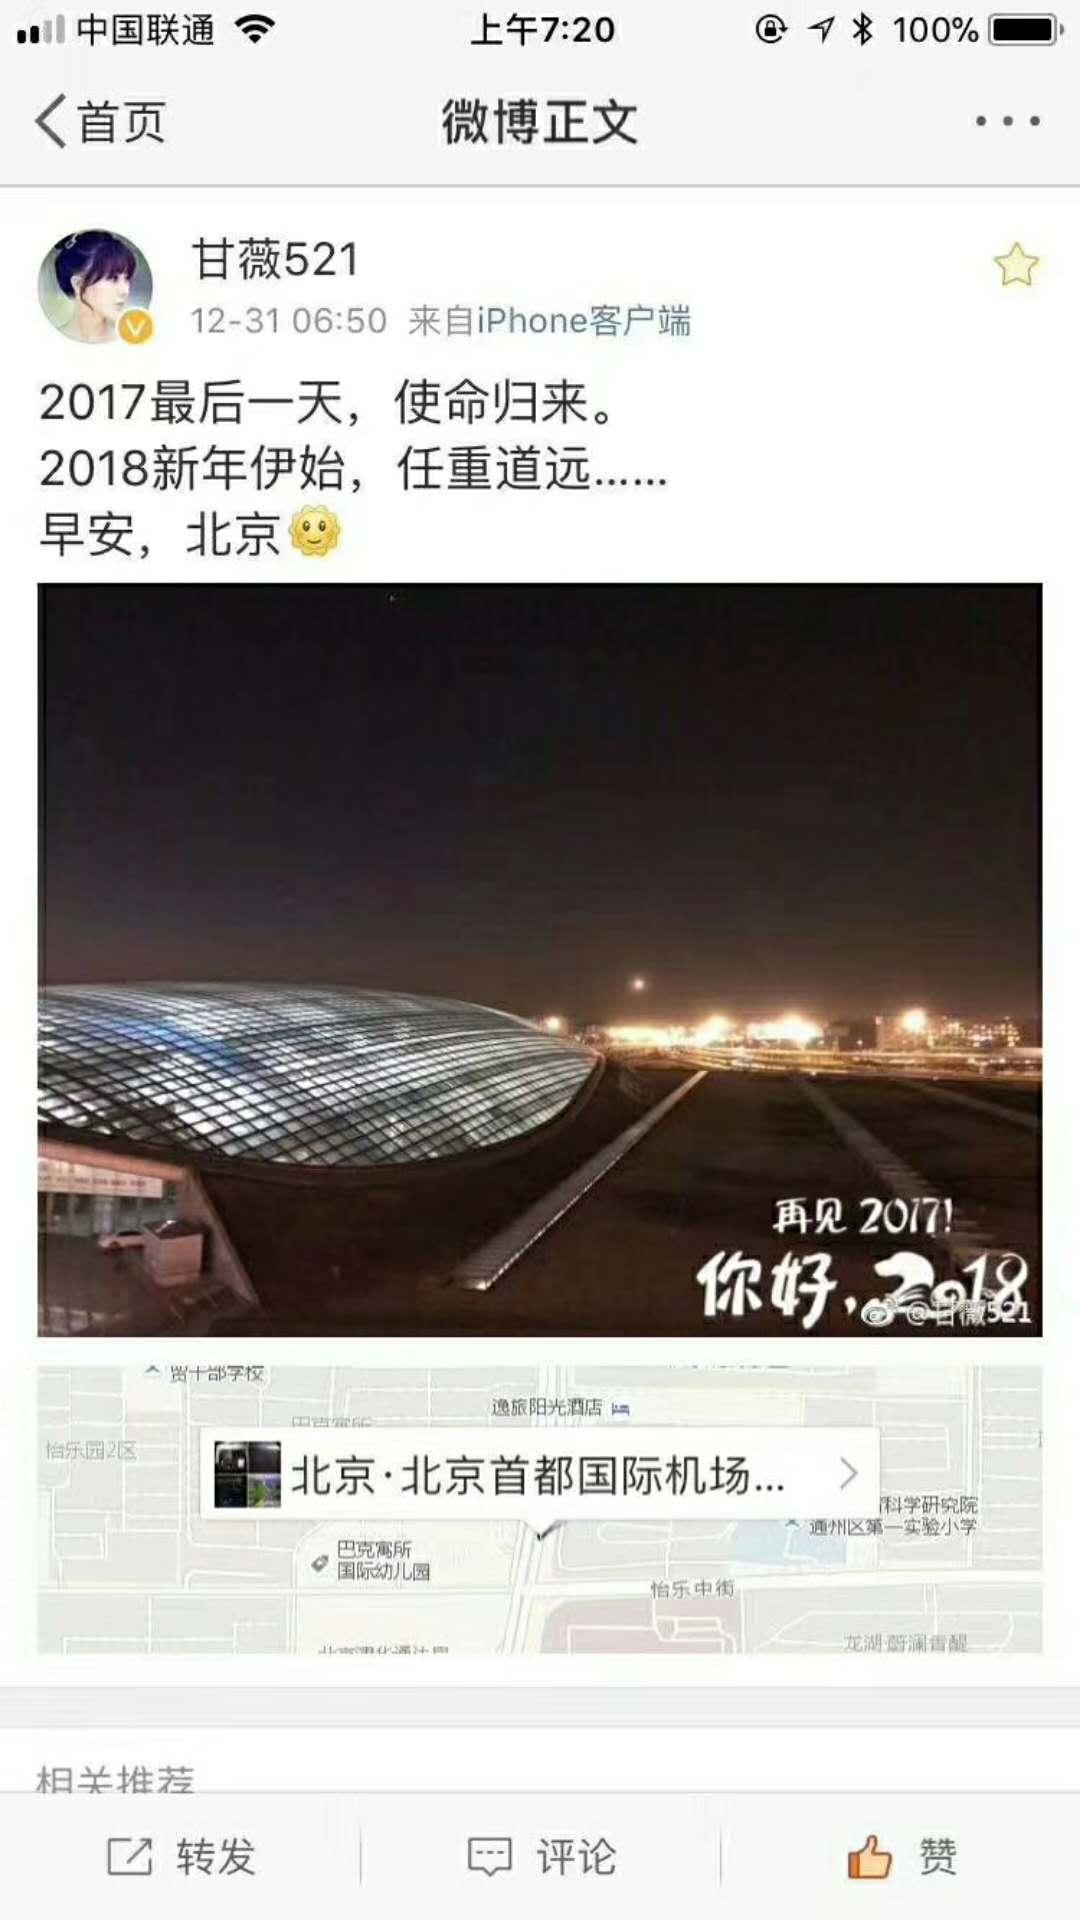 贾跃亭妻子甘薇今早回国 未提及贾跃亭是否同行